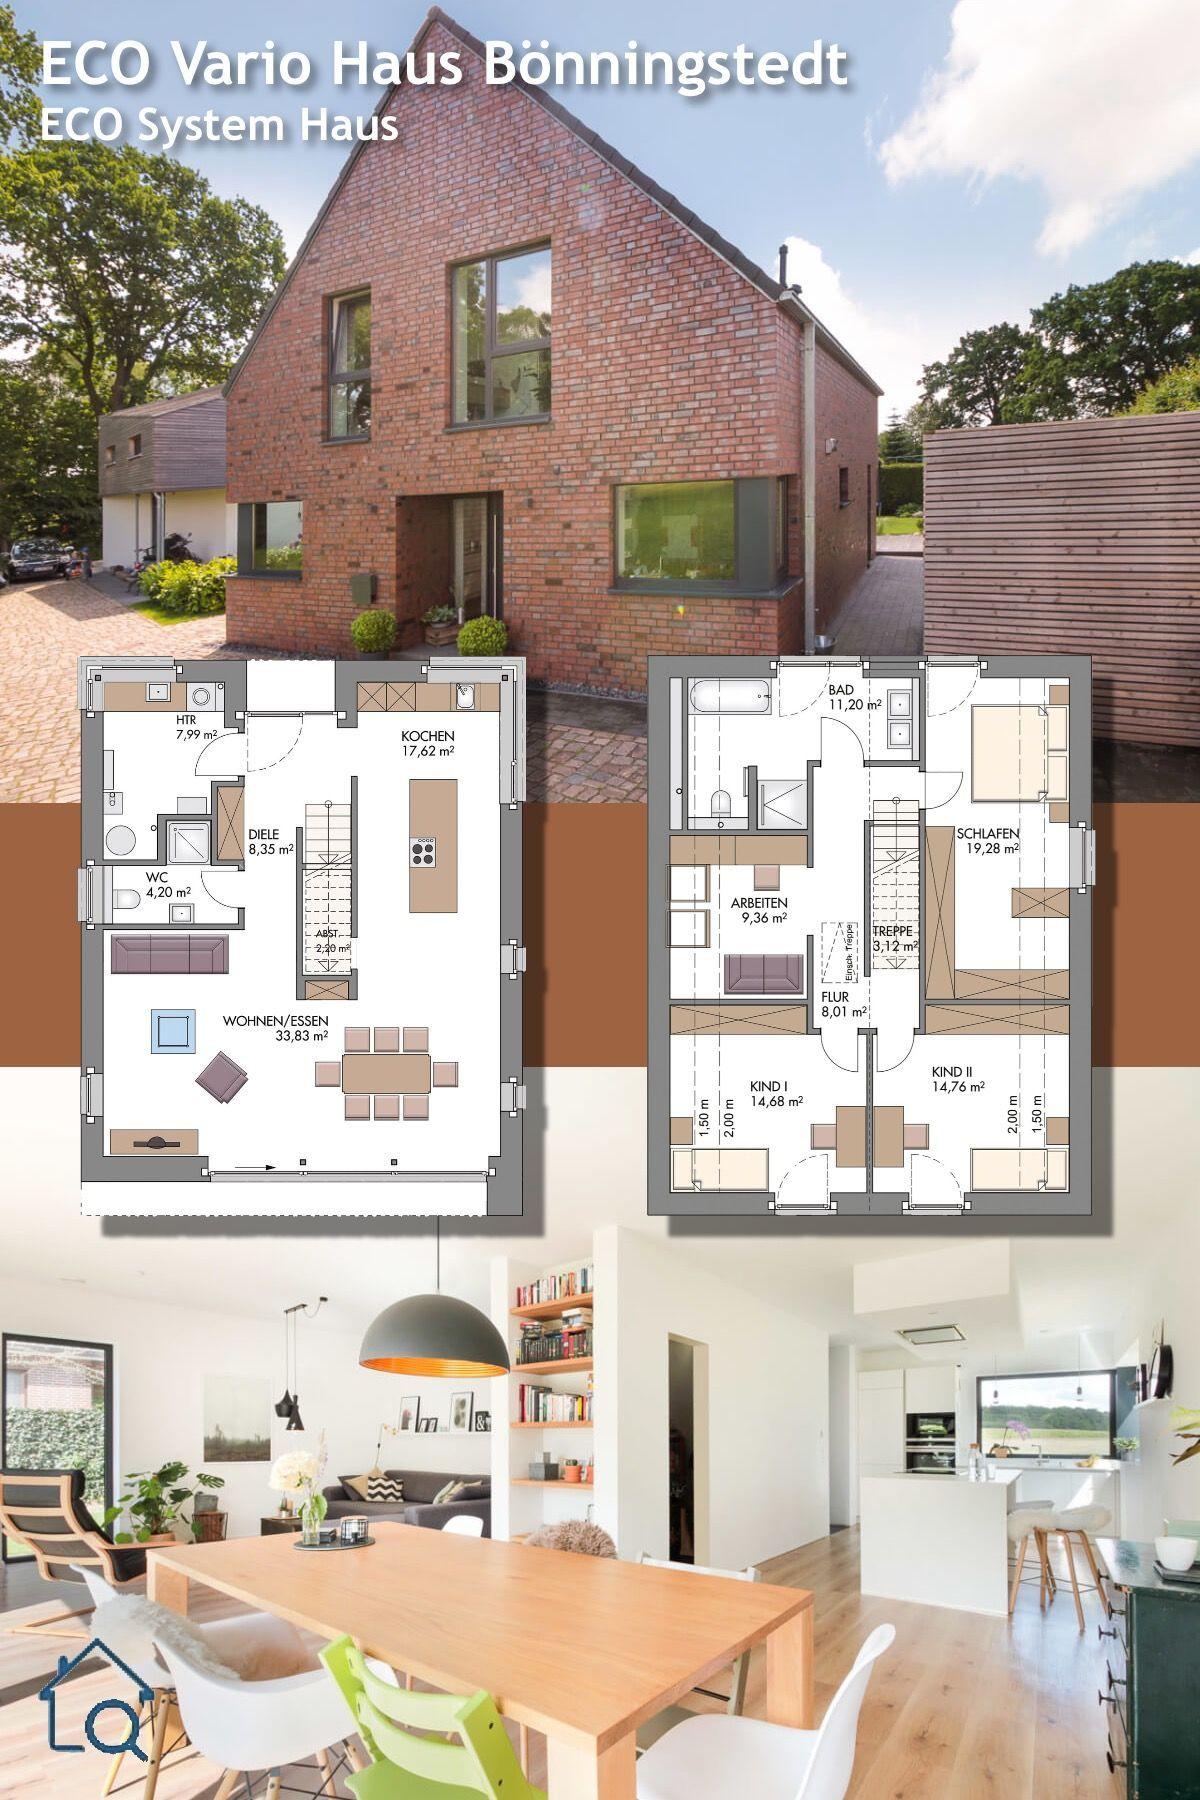 Einfamilienhaus mit Satteldach Architektur und offenem